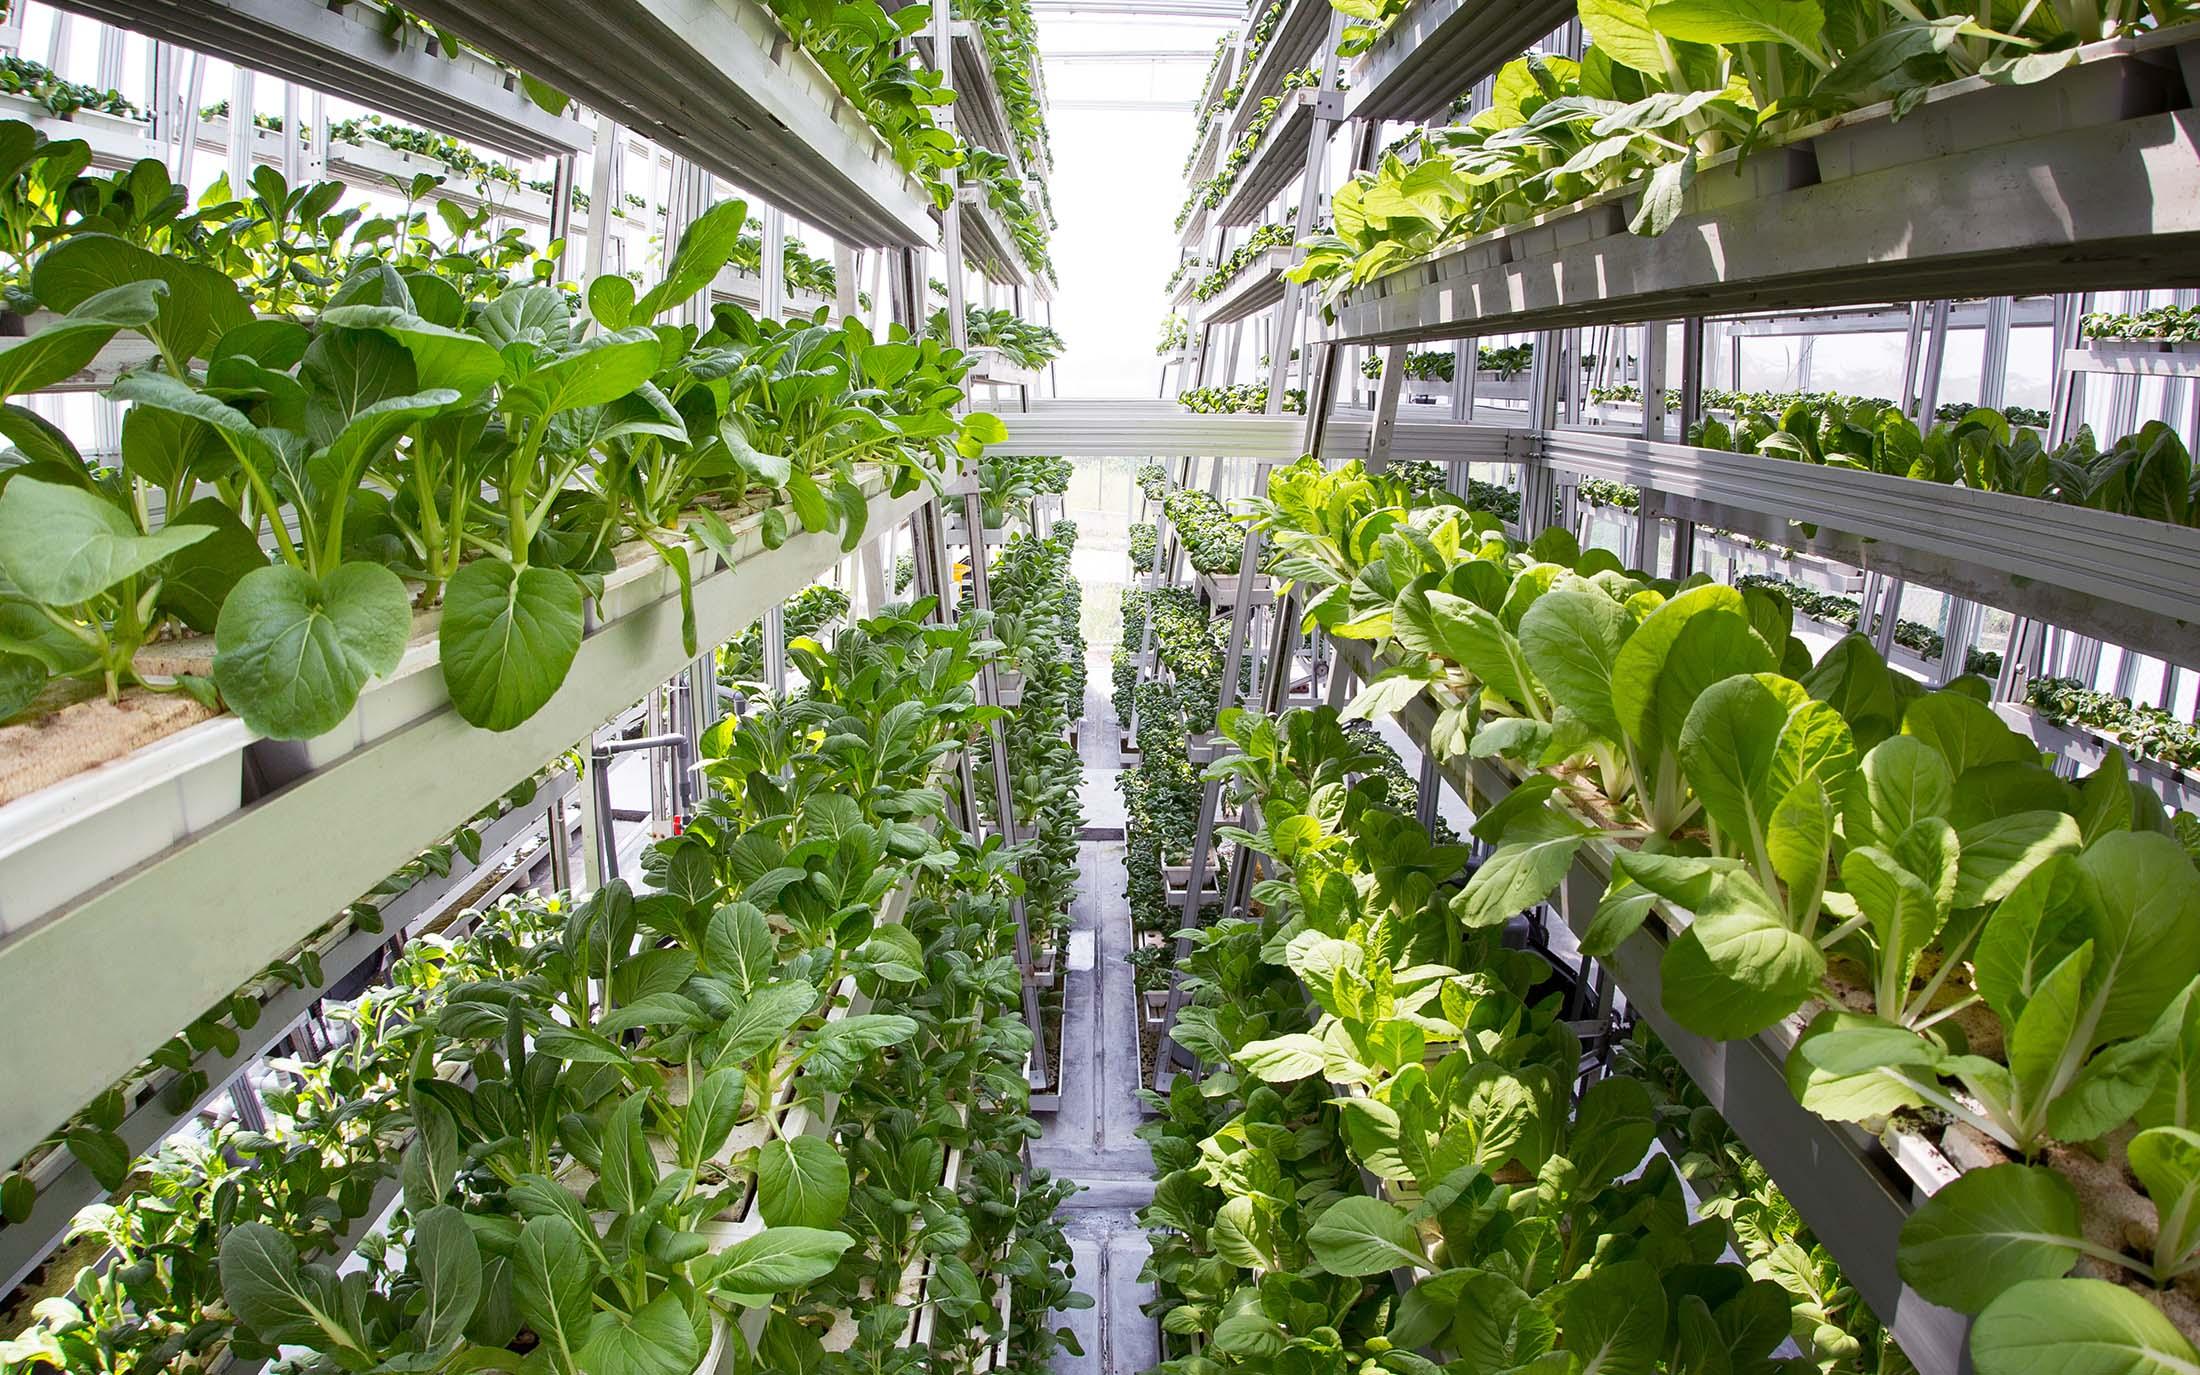 comida, tecnologia, P&D, alimentos, R&D, food, engenharia, ciência, pesquisa, desenvolvimento, oportunidade, sra inovadeira, inovação,tecnologias disruptivas para produção de alimentos, 3d, fazenda, vertical, urbana